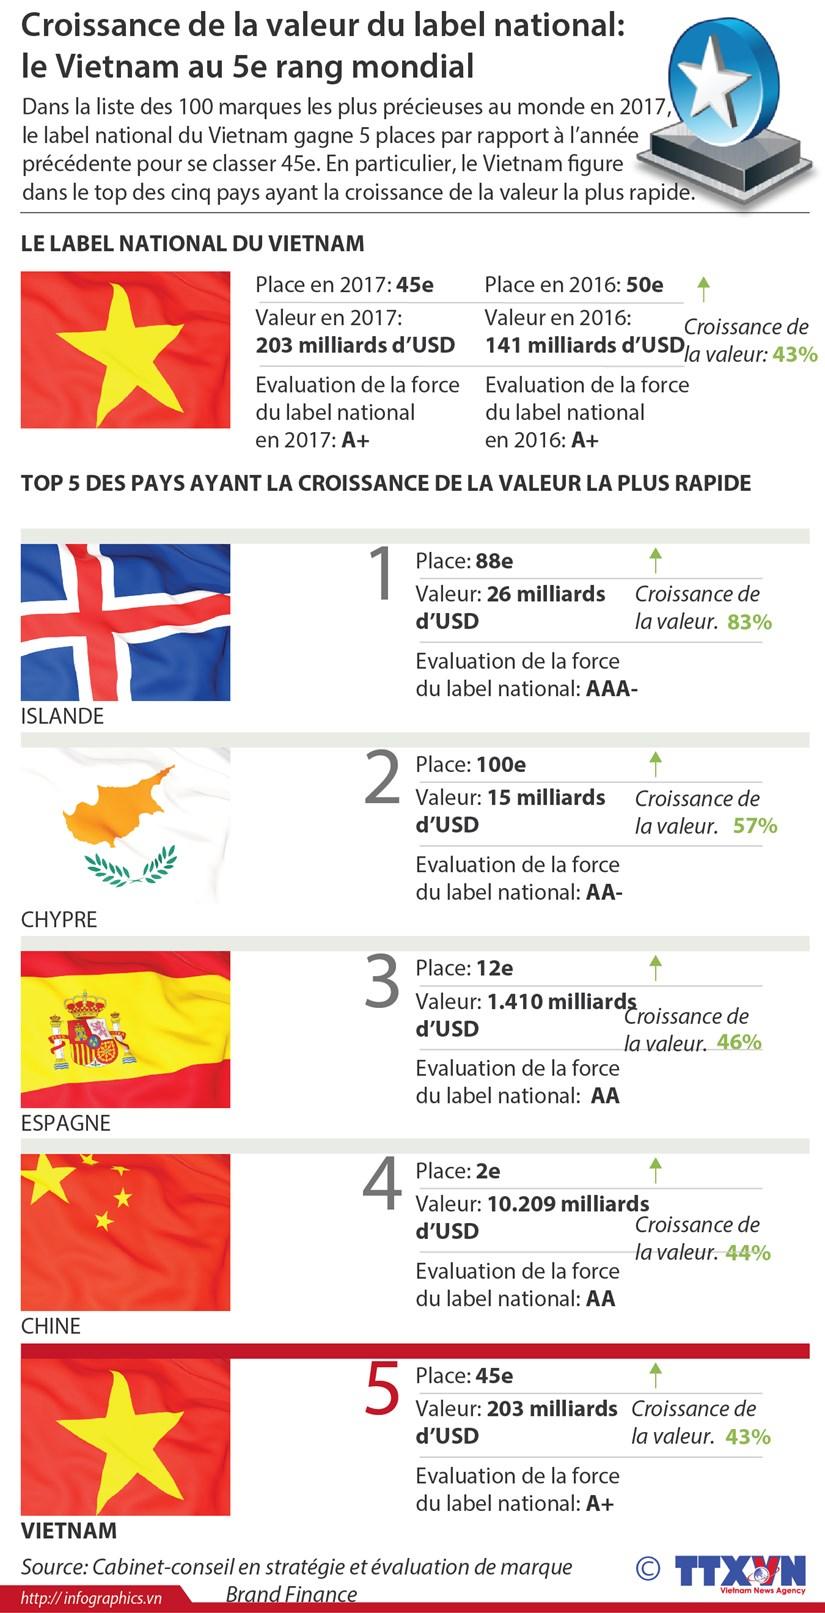 Croissance de la valeur du label national: le Vietnam au 5e rang mondial hinh anh 1